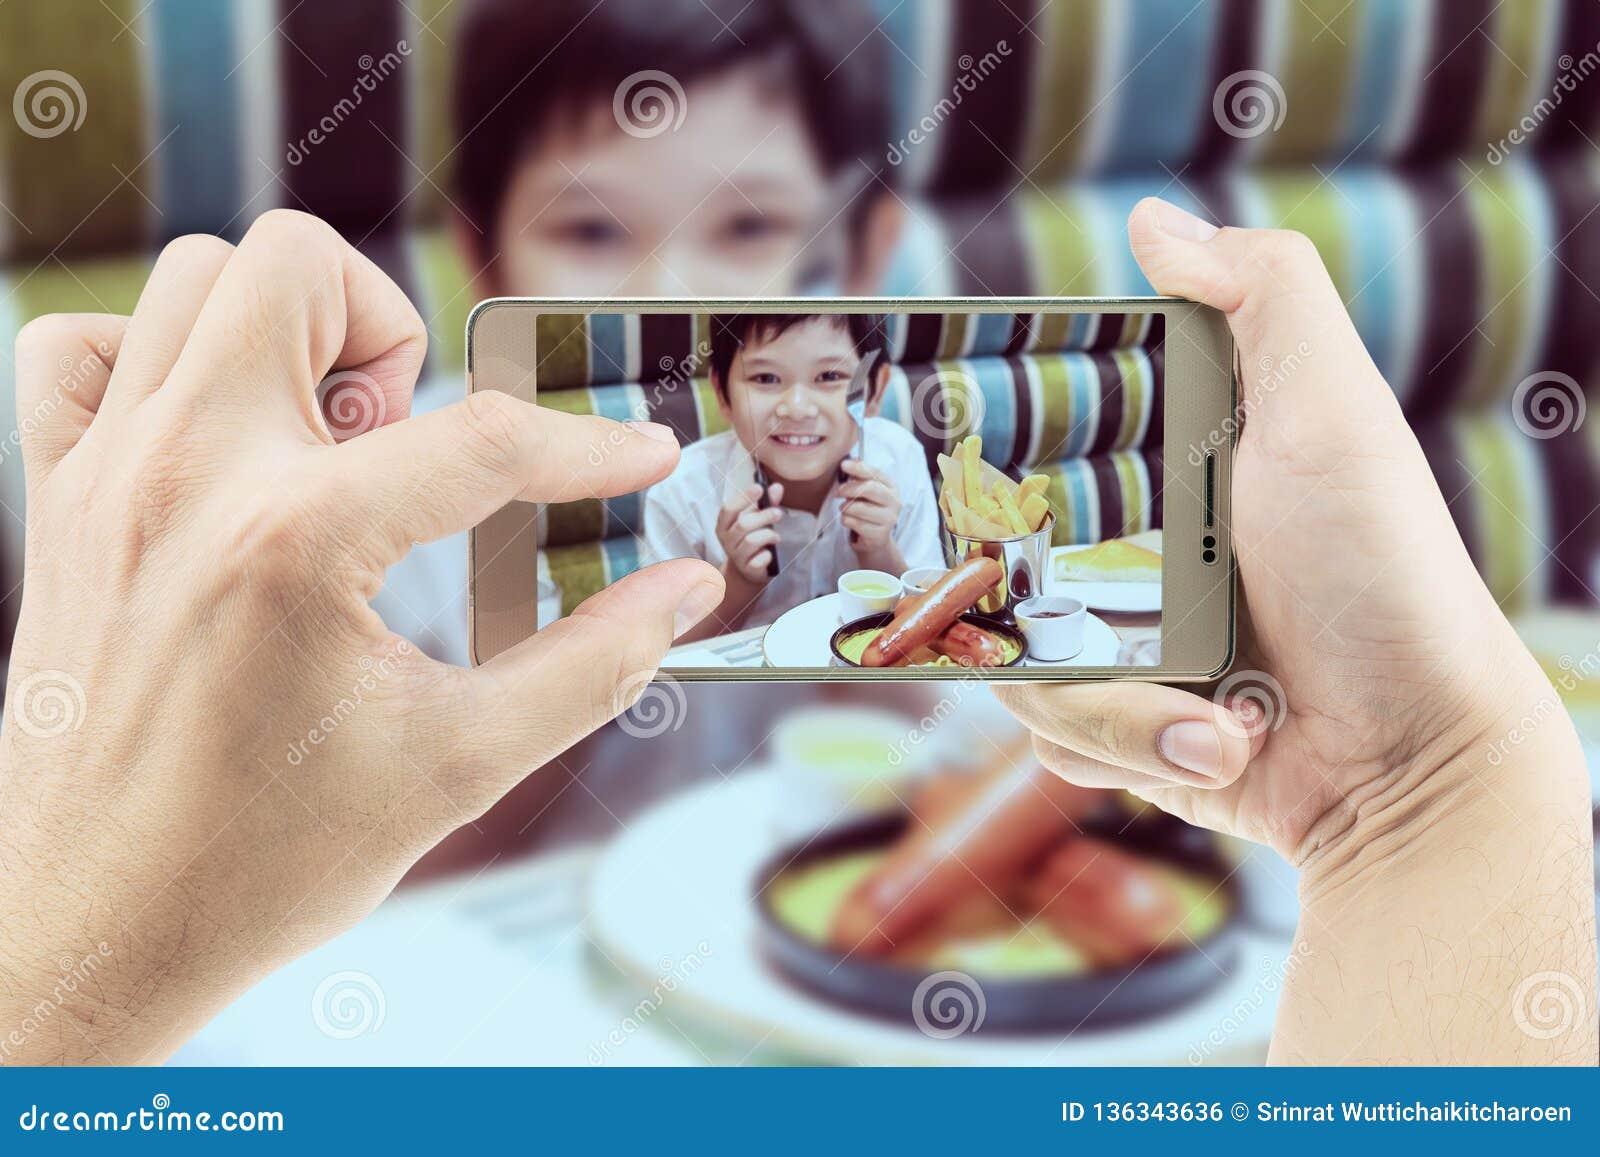 爸爸拍吃薯条的亚裔男孩流动照片